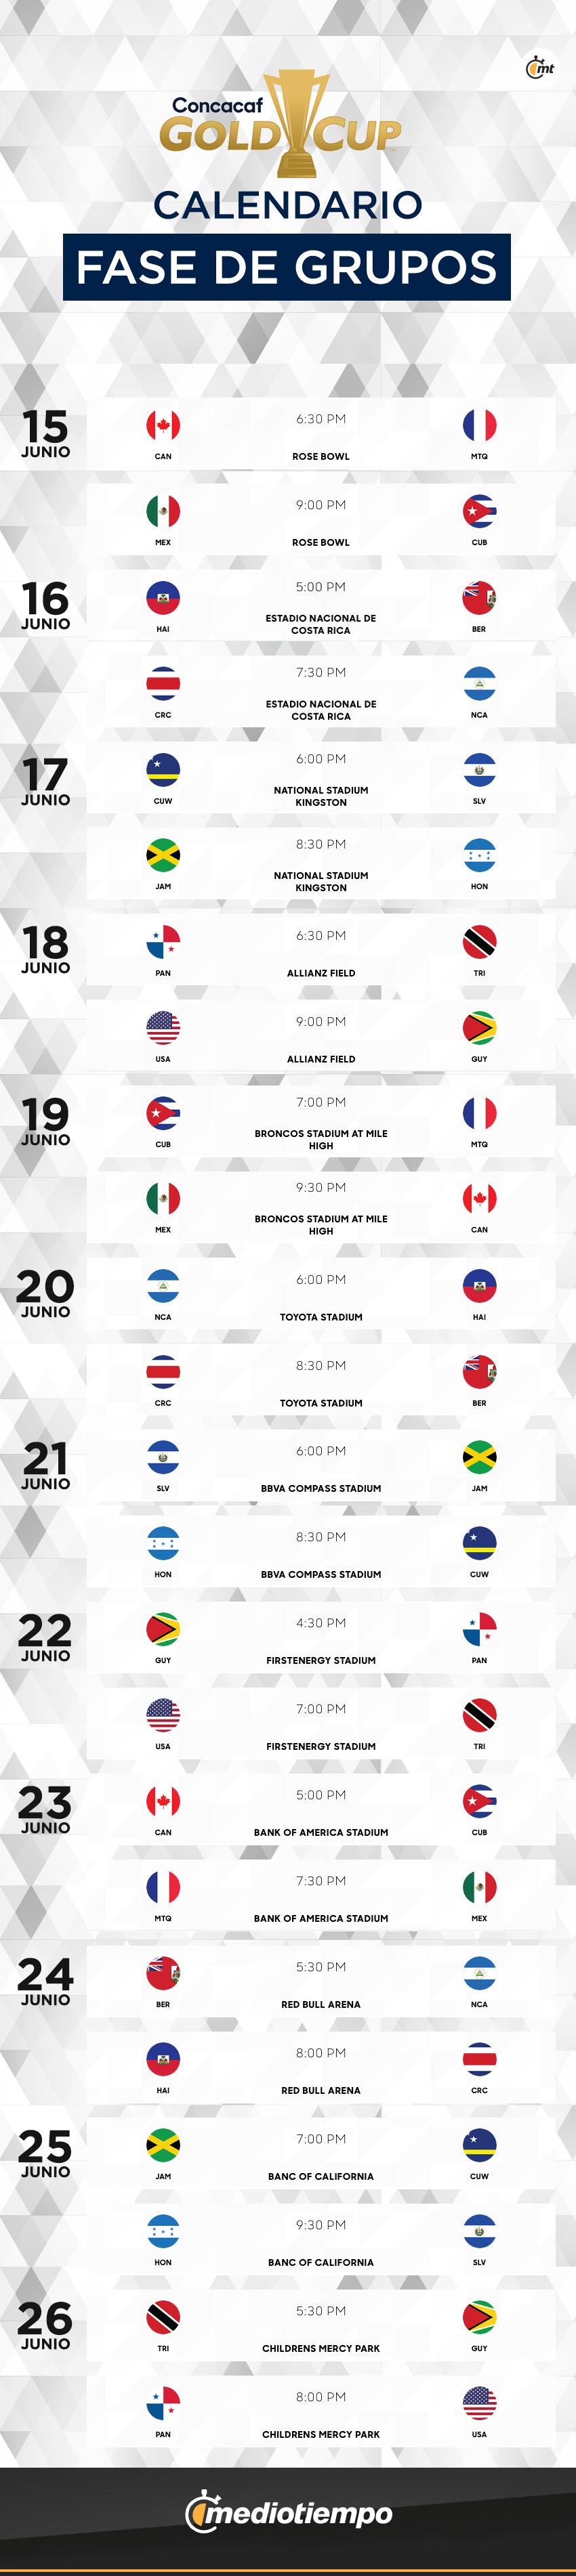 Calendario Copa.Copa Oro 2019 Calendario Y Horario De Los Partidos De Fase De